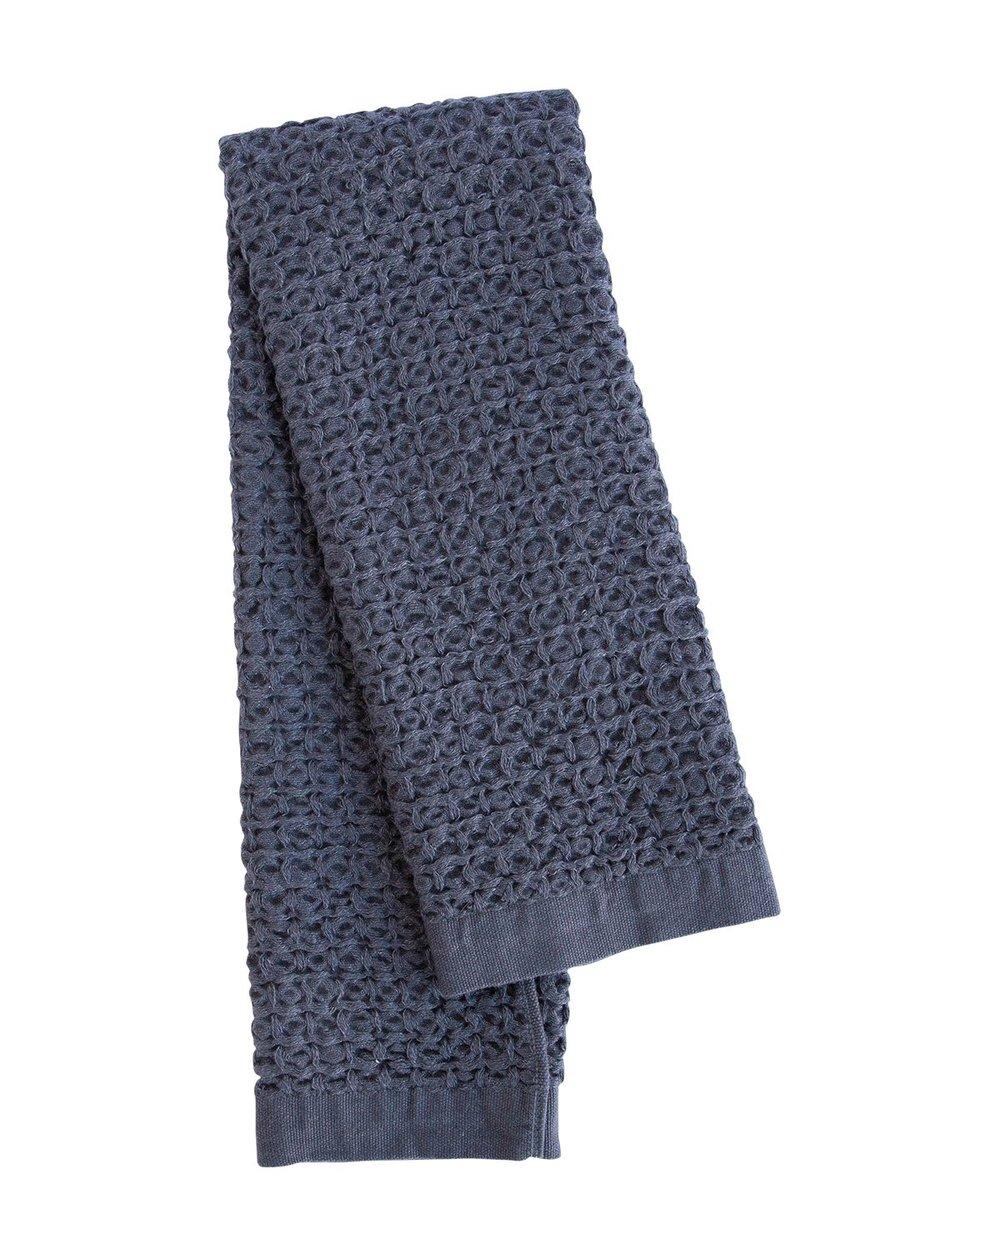 Norwich_Hand_Towel_2.jpg